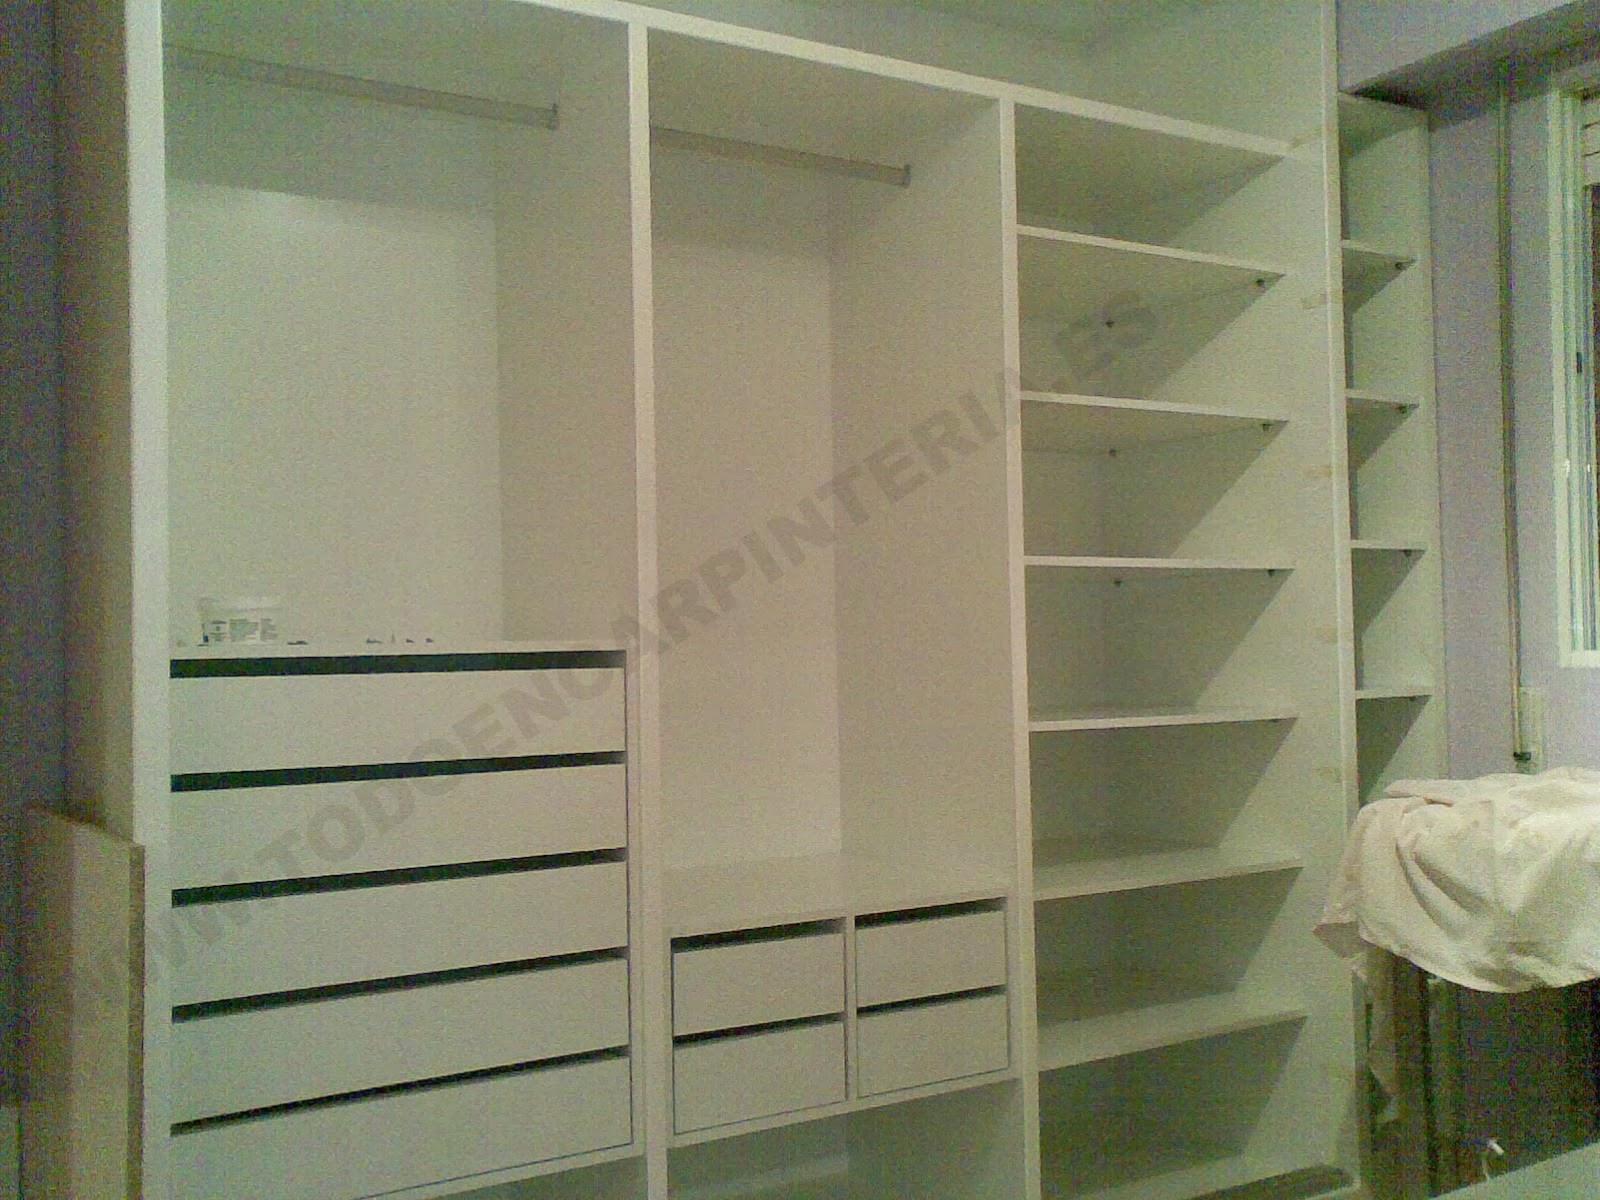 Distribución del interior del armario con numerosos elementos.